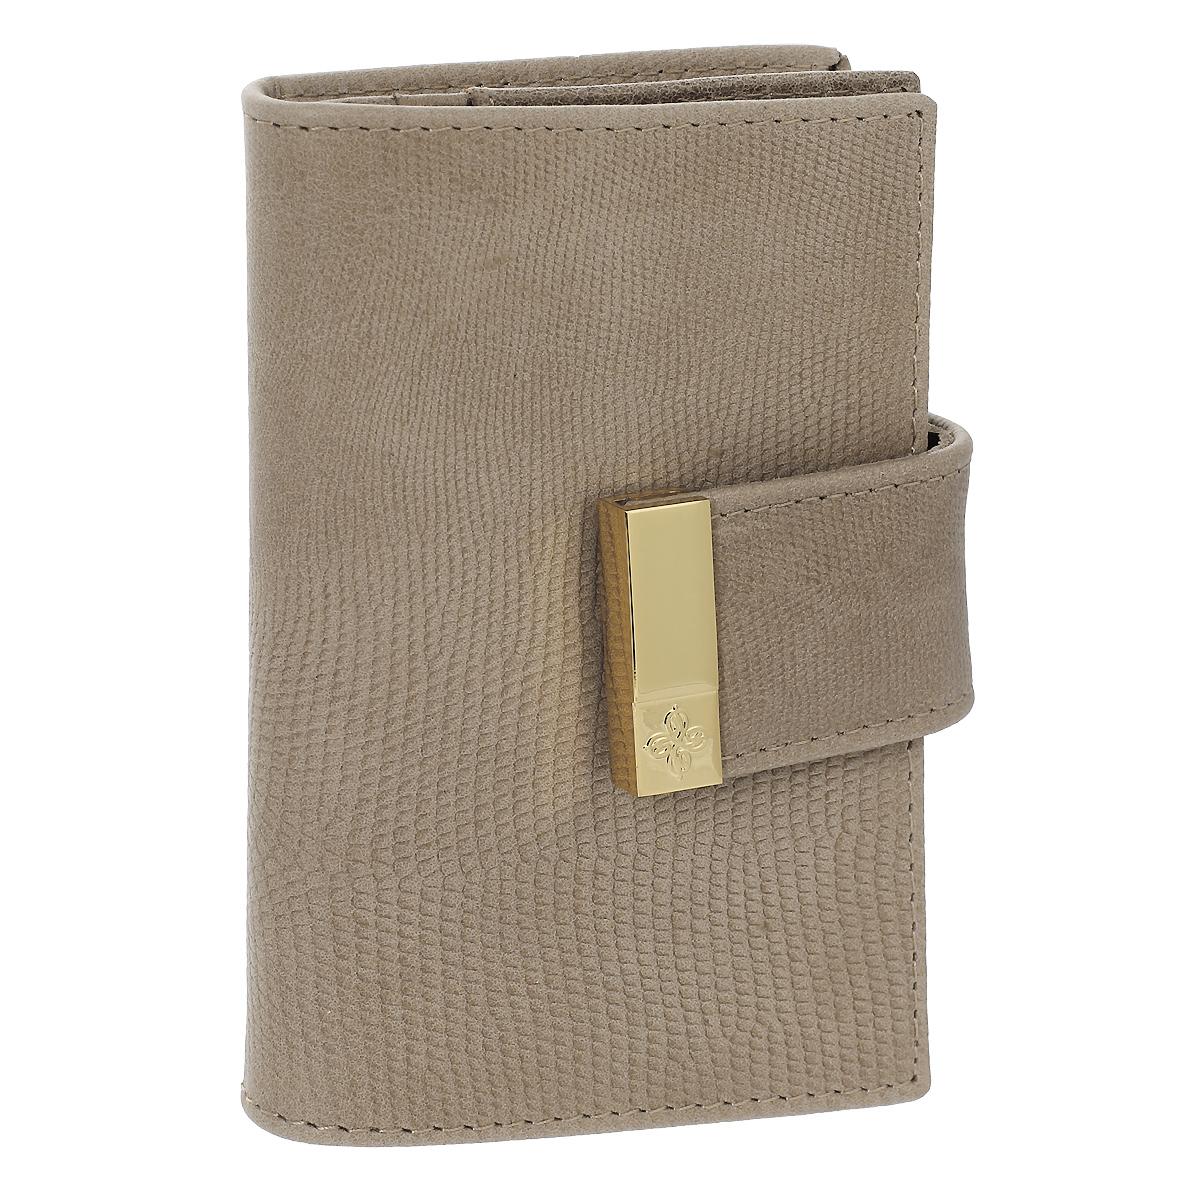 Футляр для кредитных карт Dimanche Elite Beige, цвет: бежевый. 737 футляр для карт памяти jjc mchsdmsd6gr